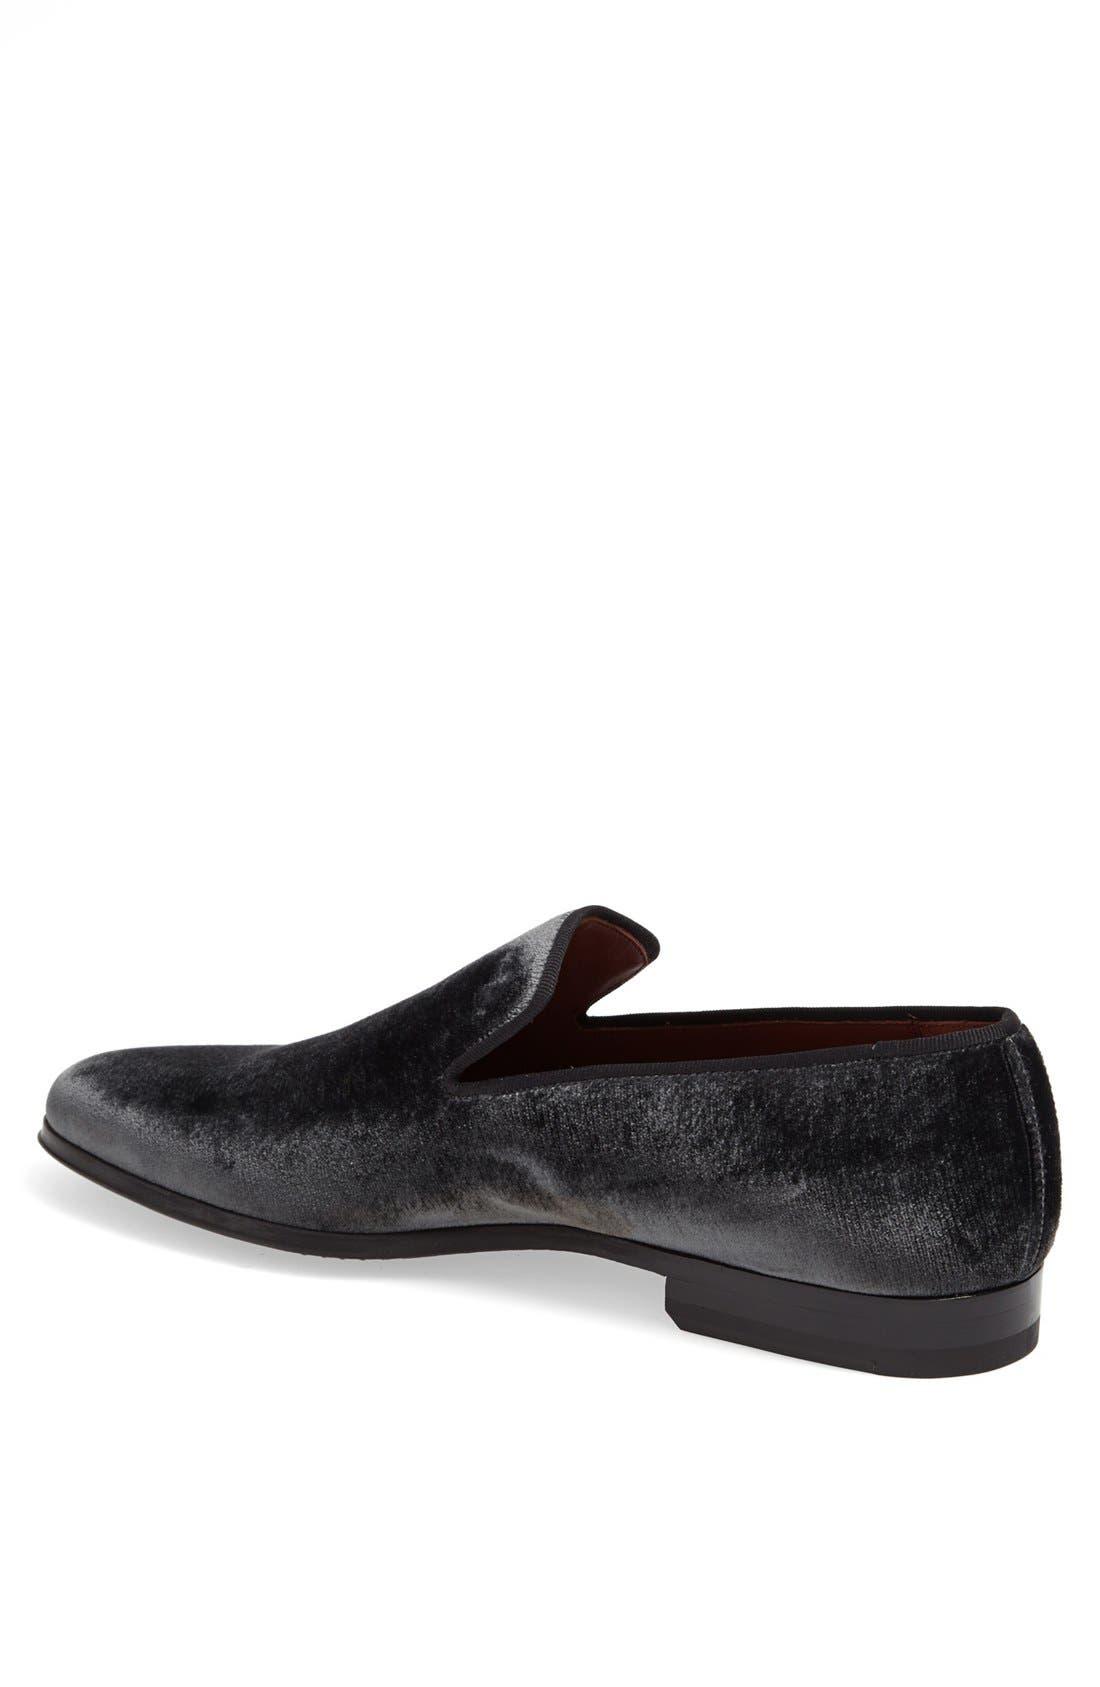 Alternate Image 2  - Magnanni 'Dorio' Velvet Venetian Loafer